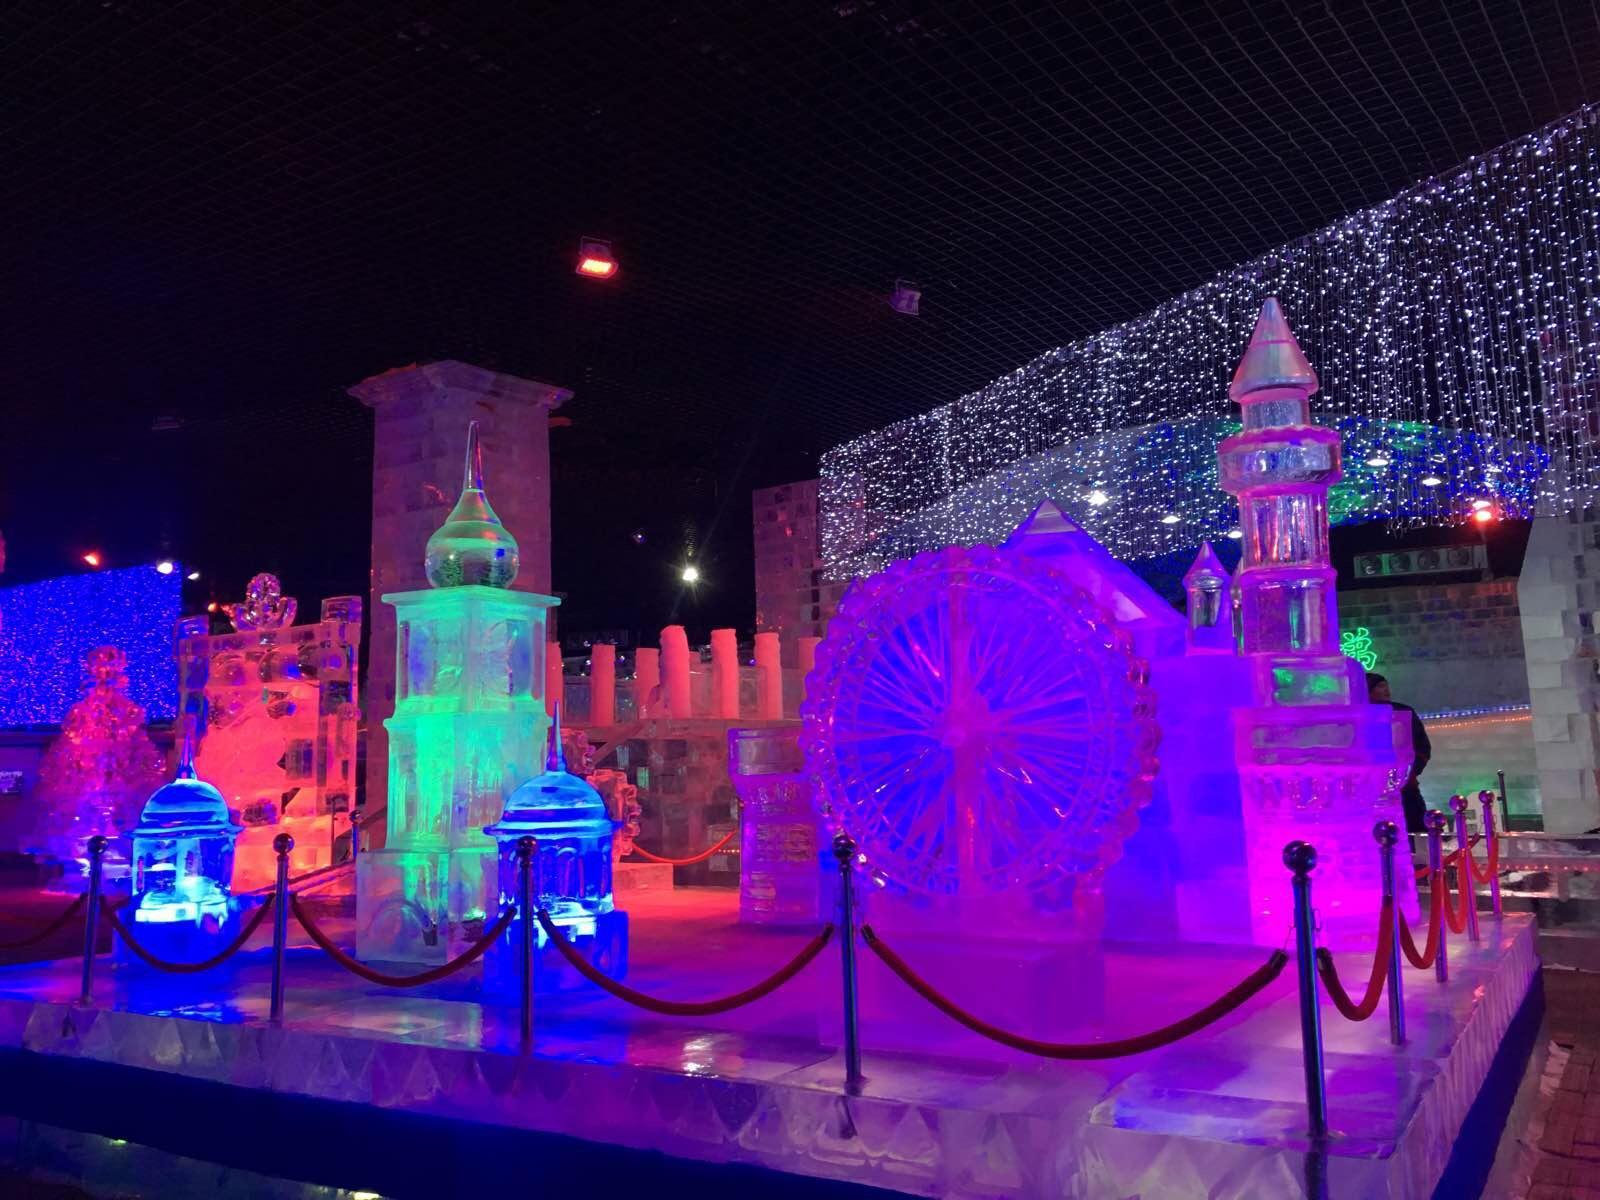 来哈尔滨没见到冰雪大世界…但是想想也是很多感恩的